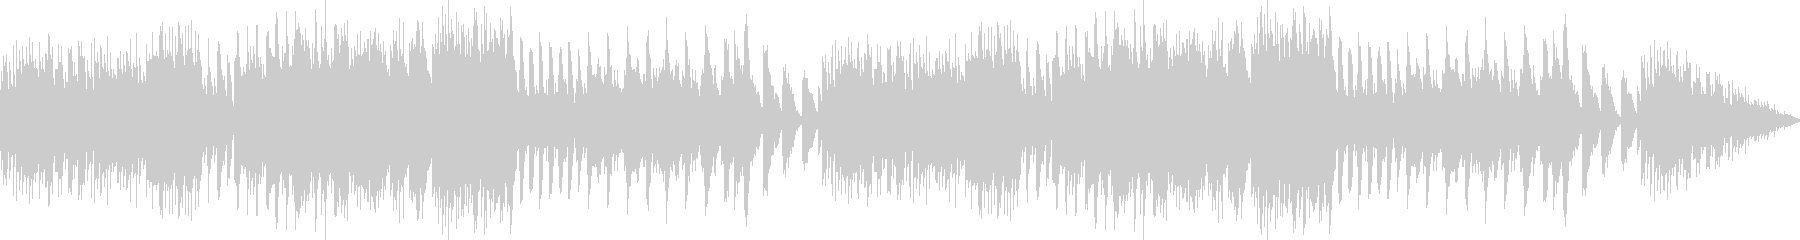 オルゴールの音色が落ち着ける癒しBGMの未再生の波形